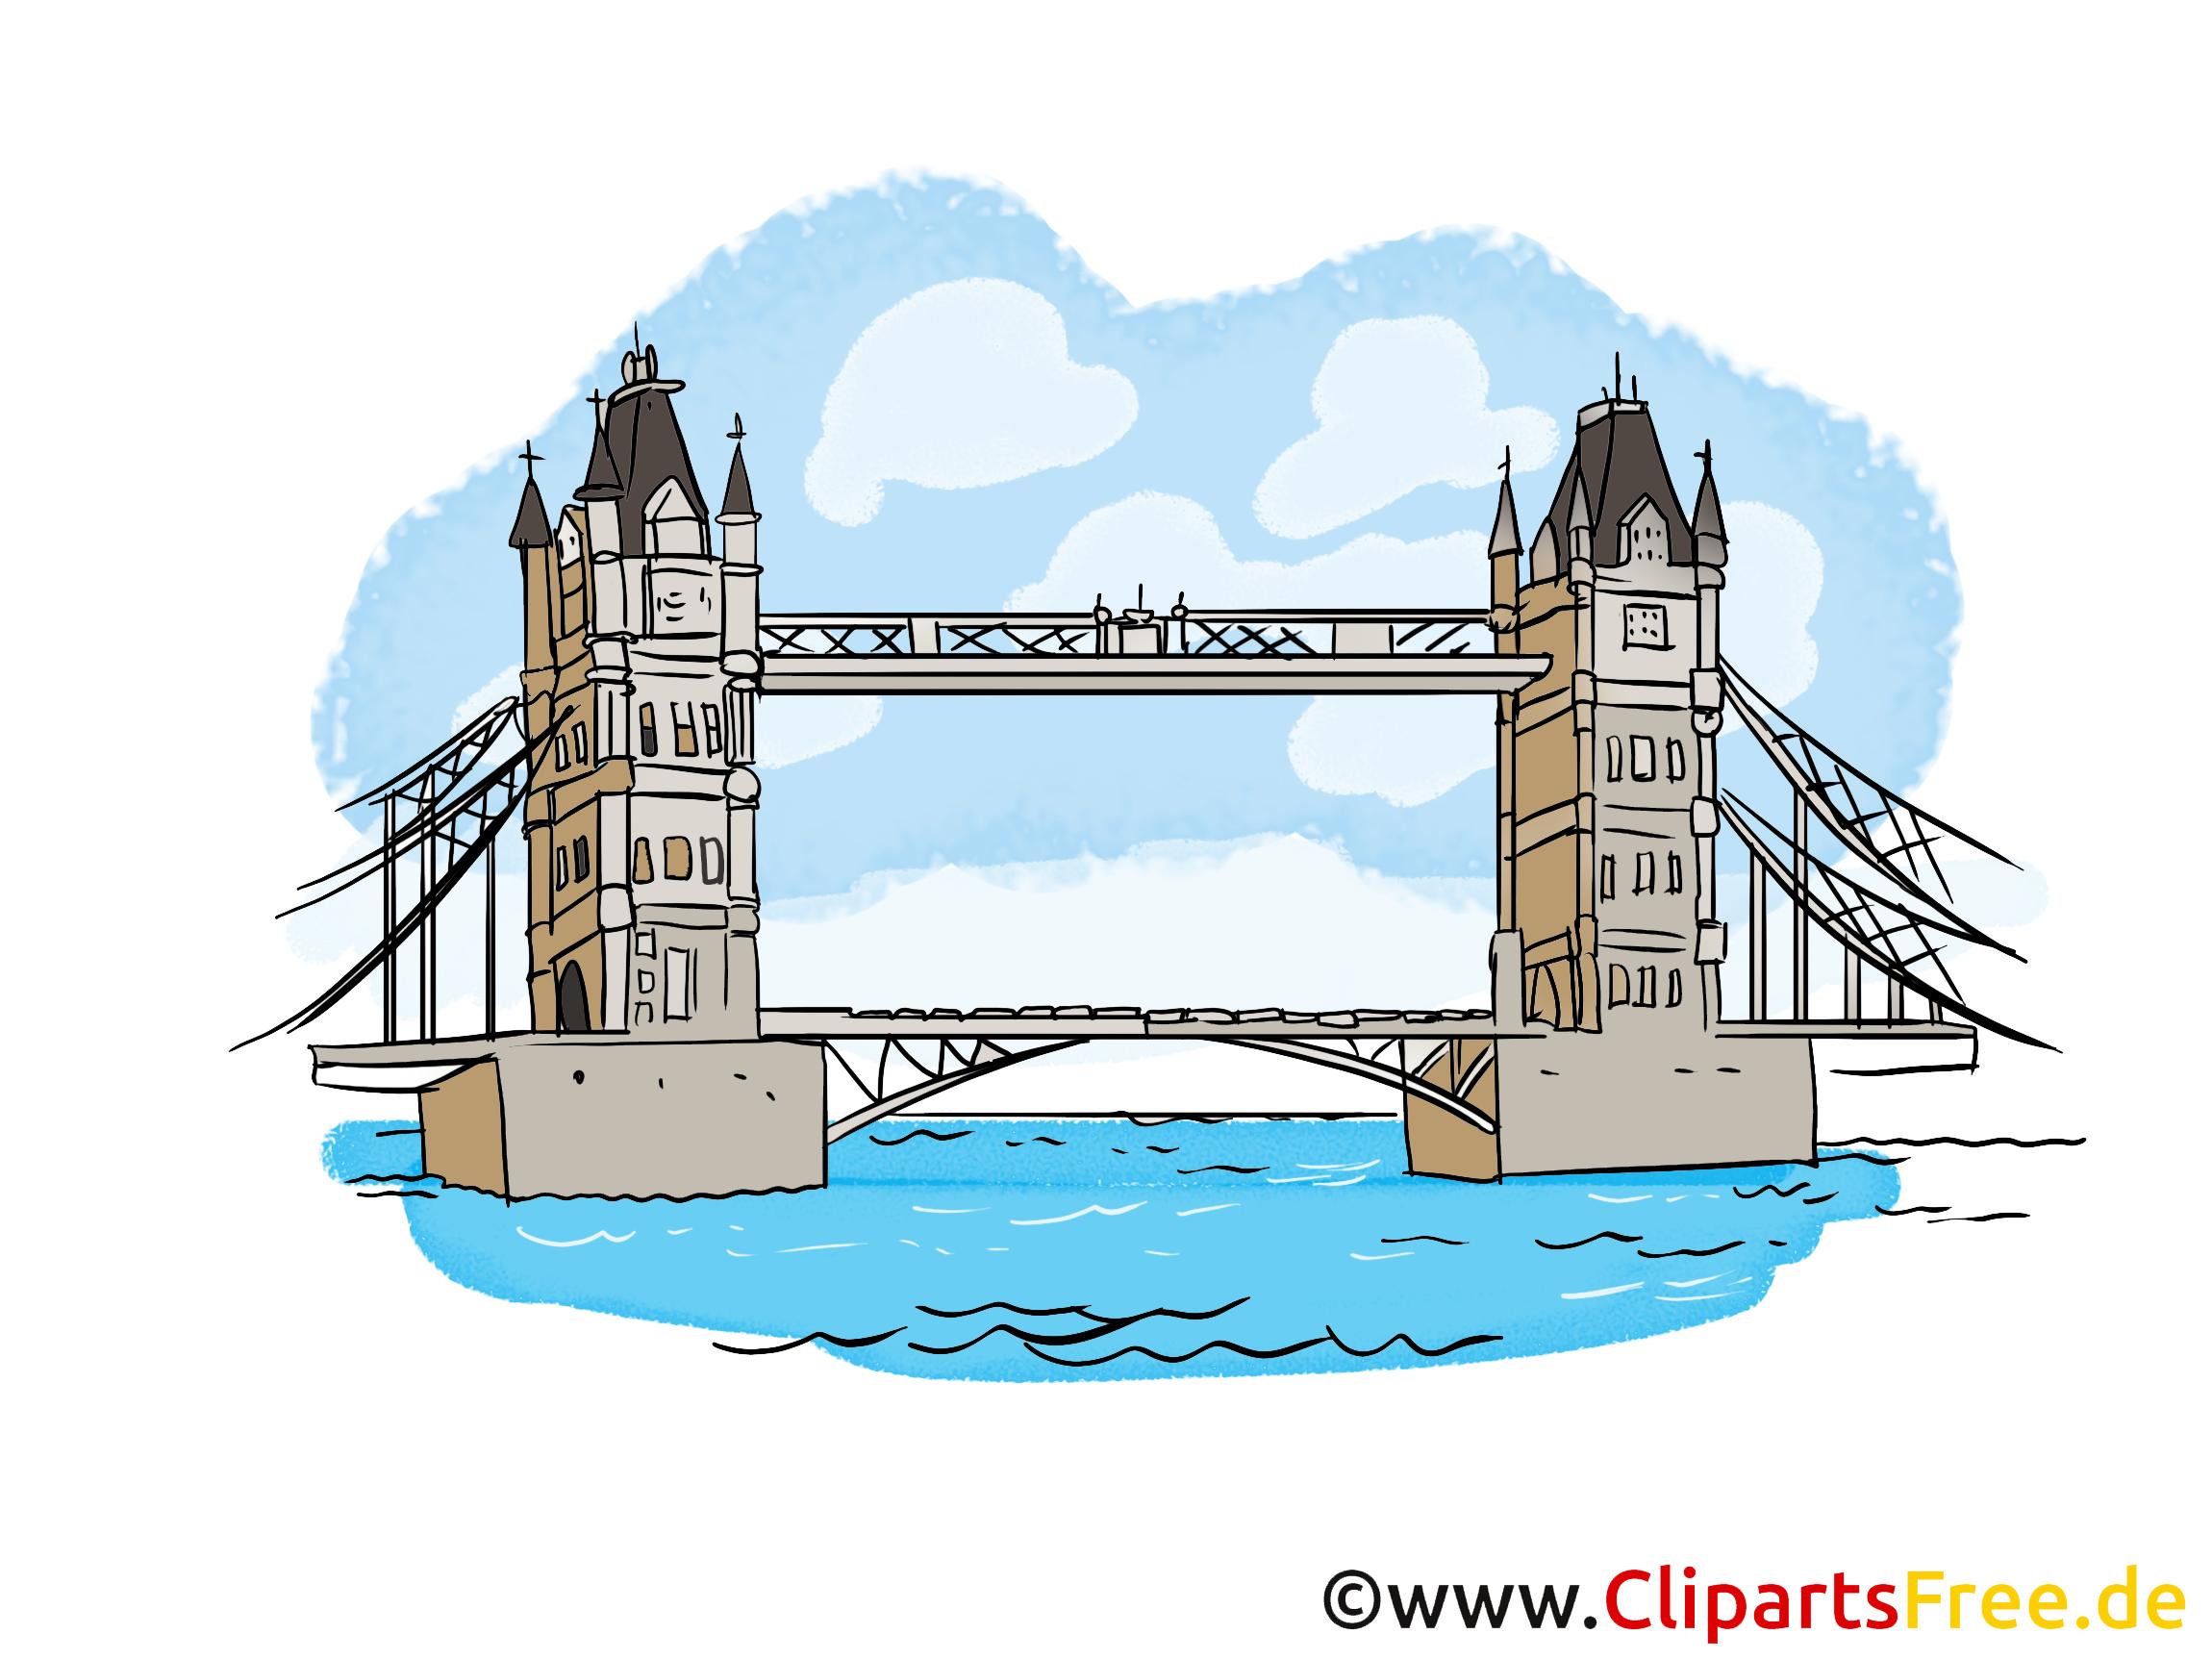 Tower Bridge dessin gratuit - Londres image gratuite